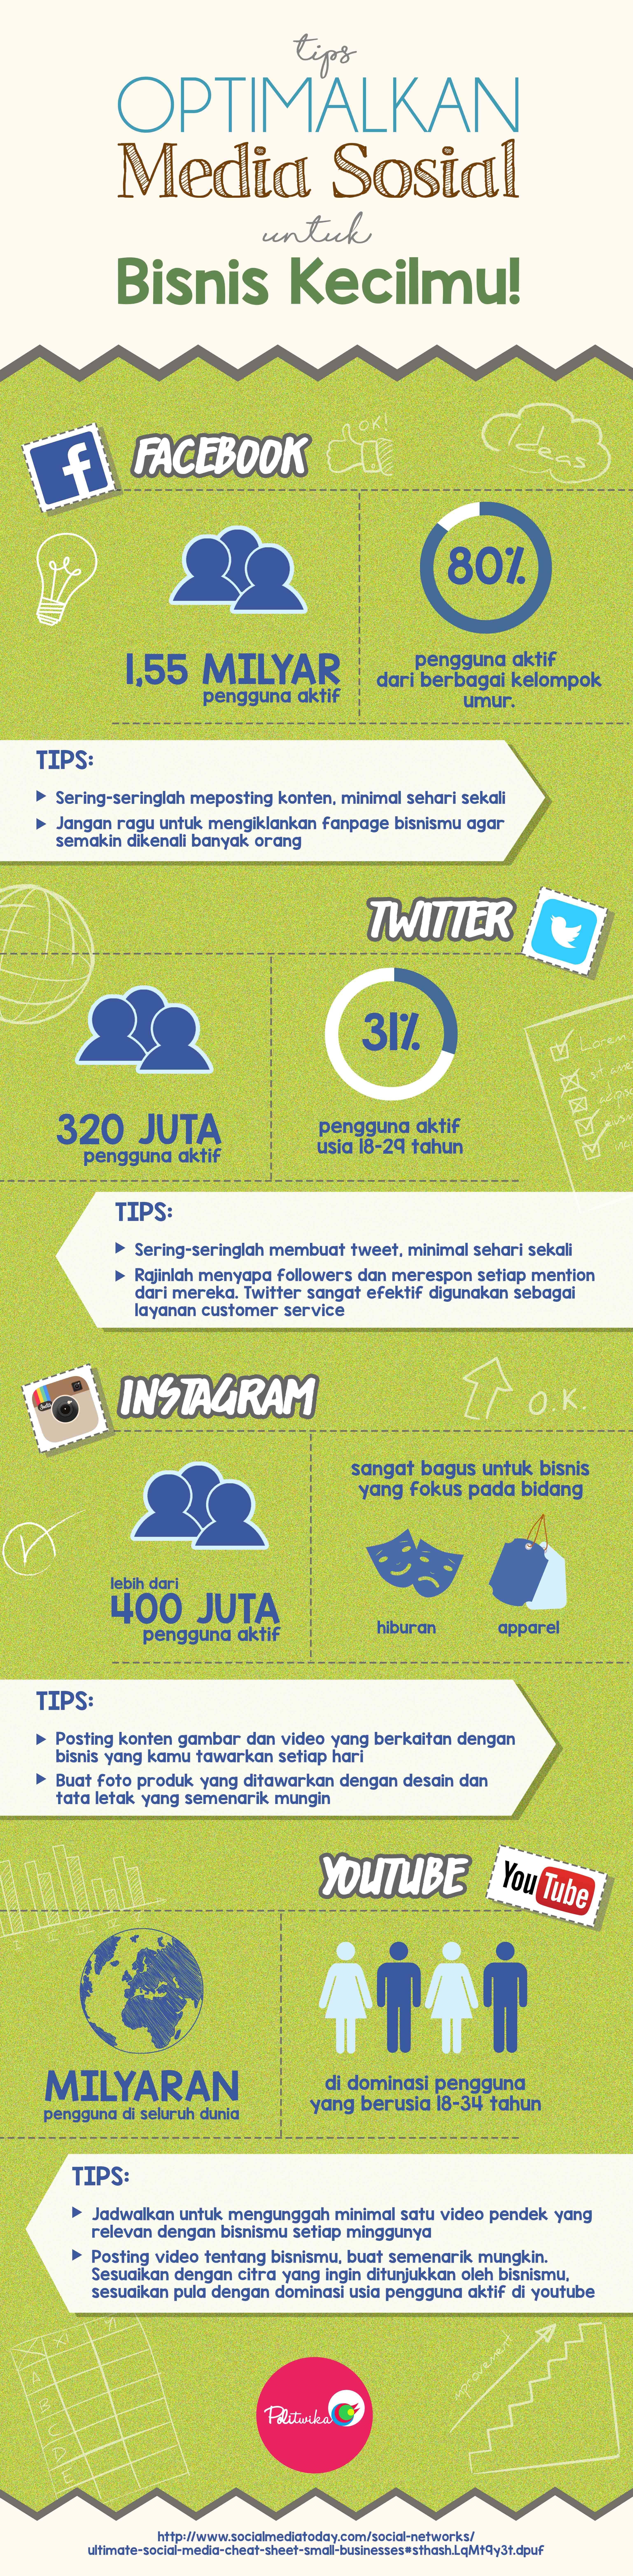 Trik Optimalkan Media Sosial untuk Bisnis Kecilmu!